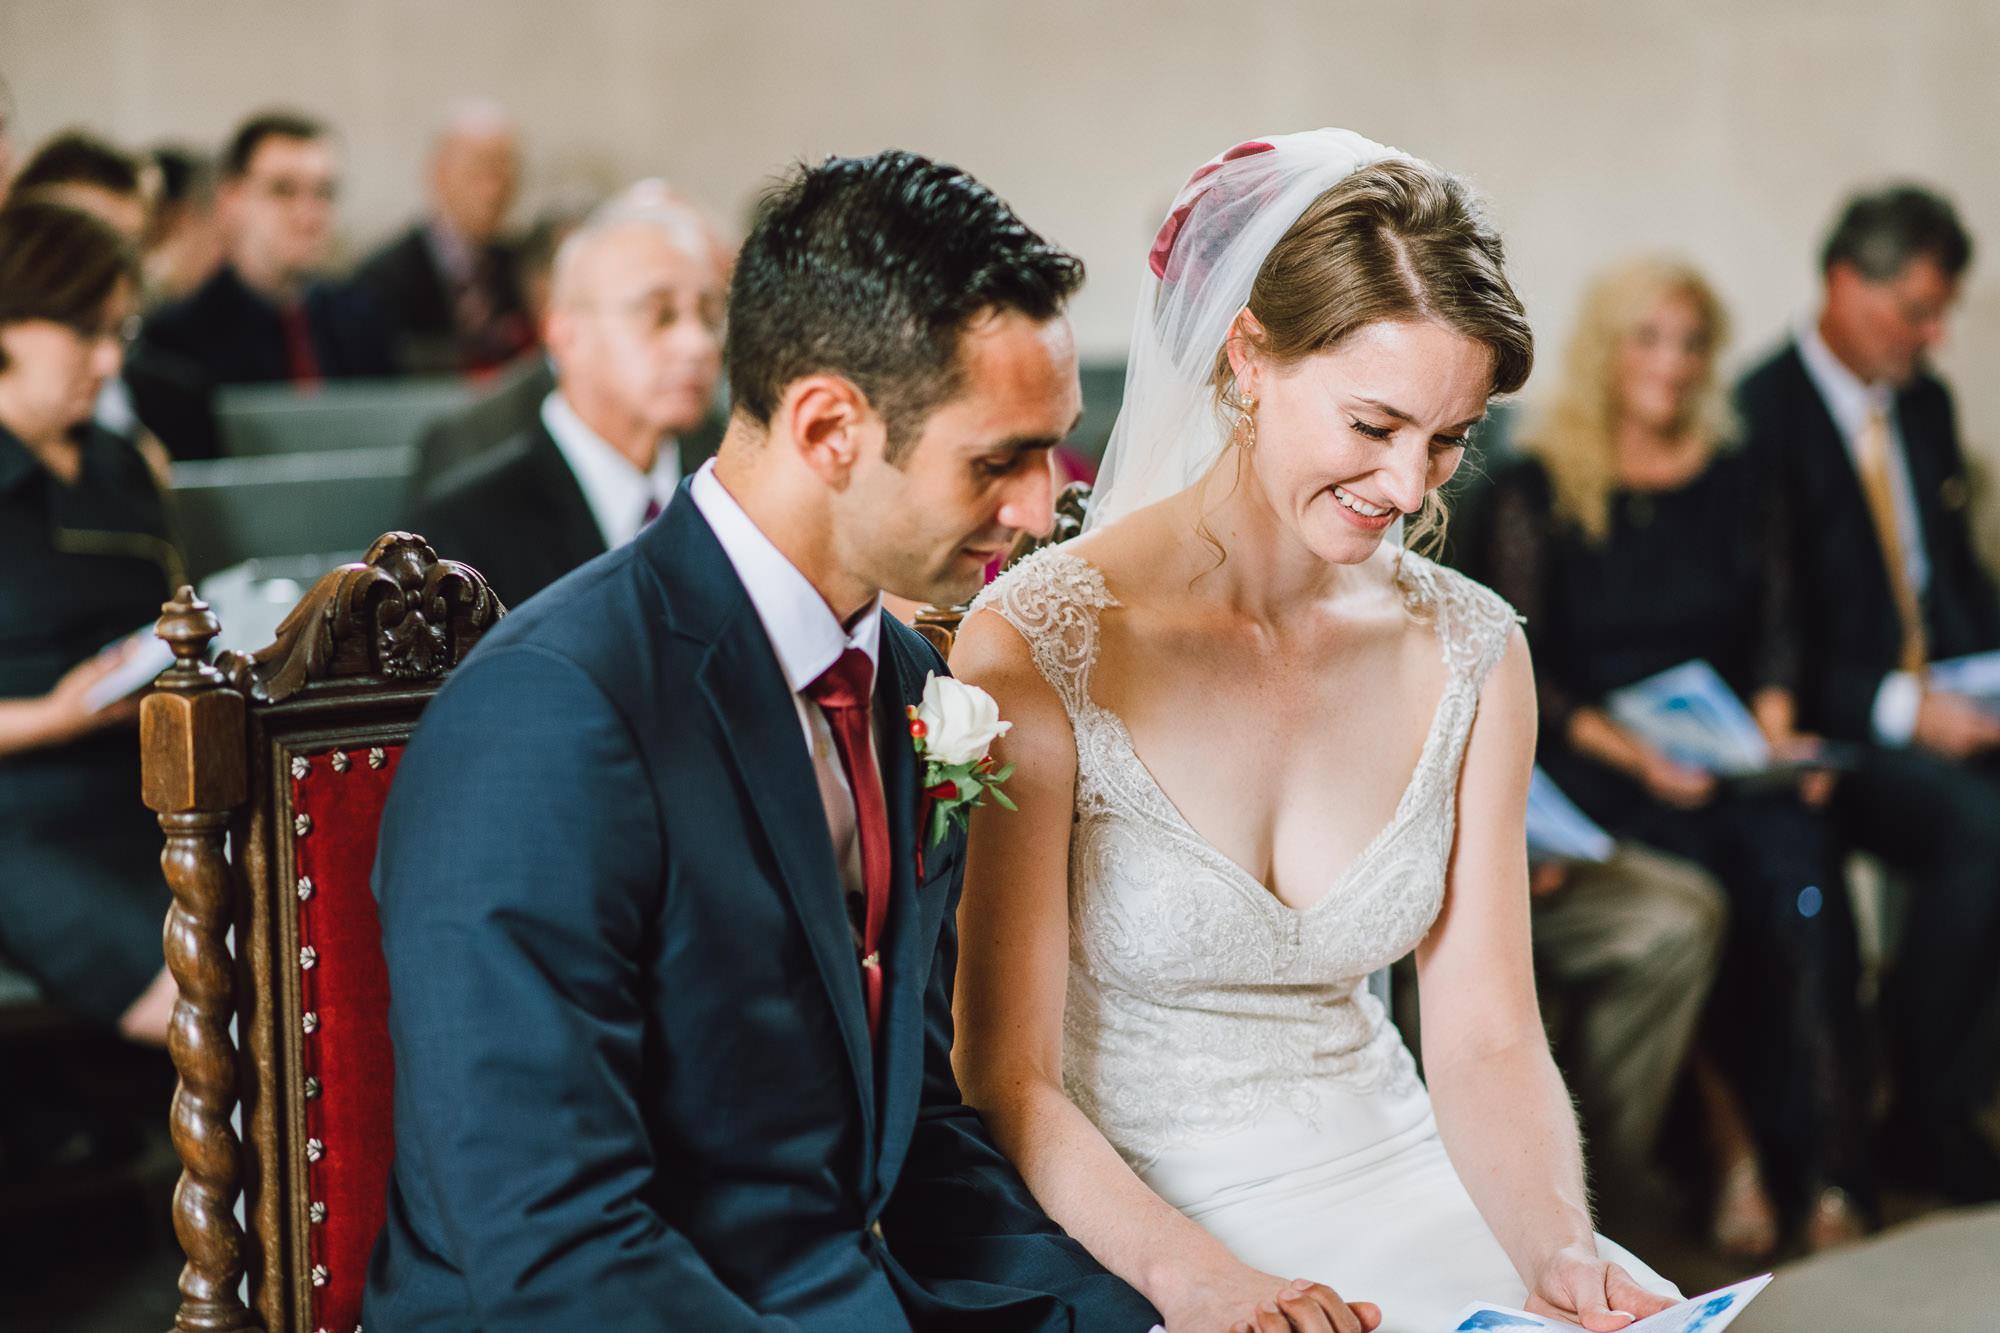 rustic-elegant-wedding-schloss-hochzeit-eyrichshof-franken-bamberg-056